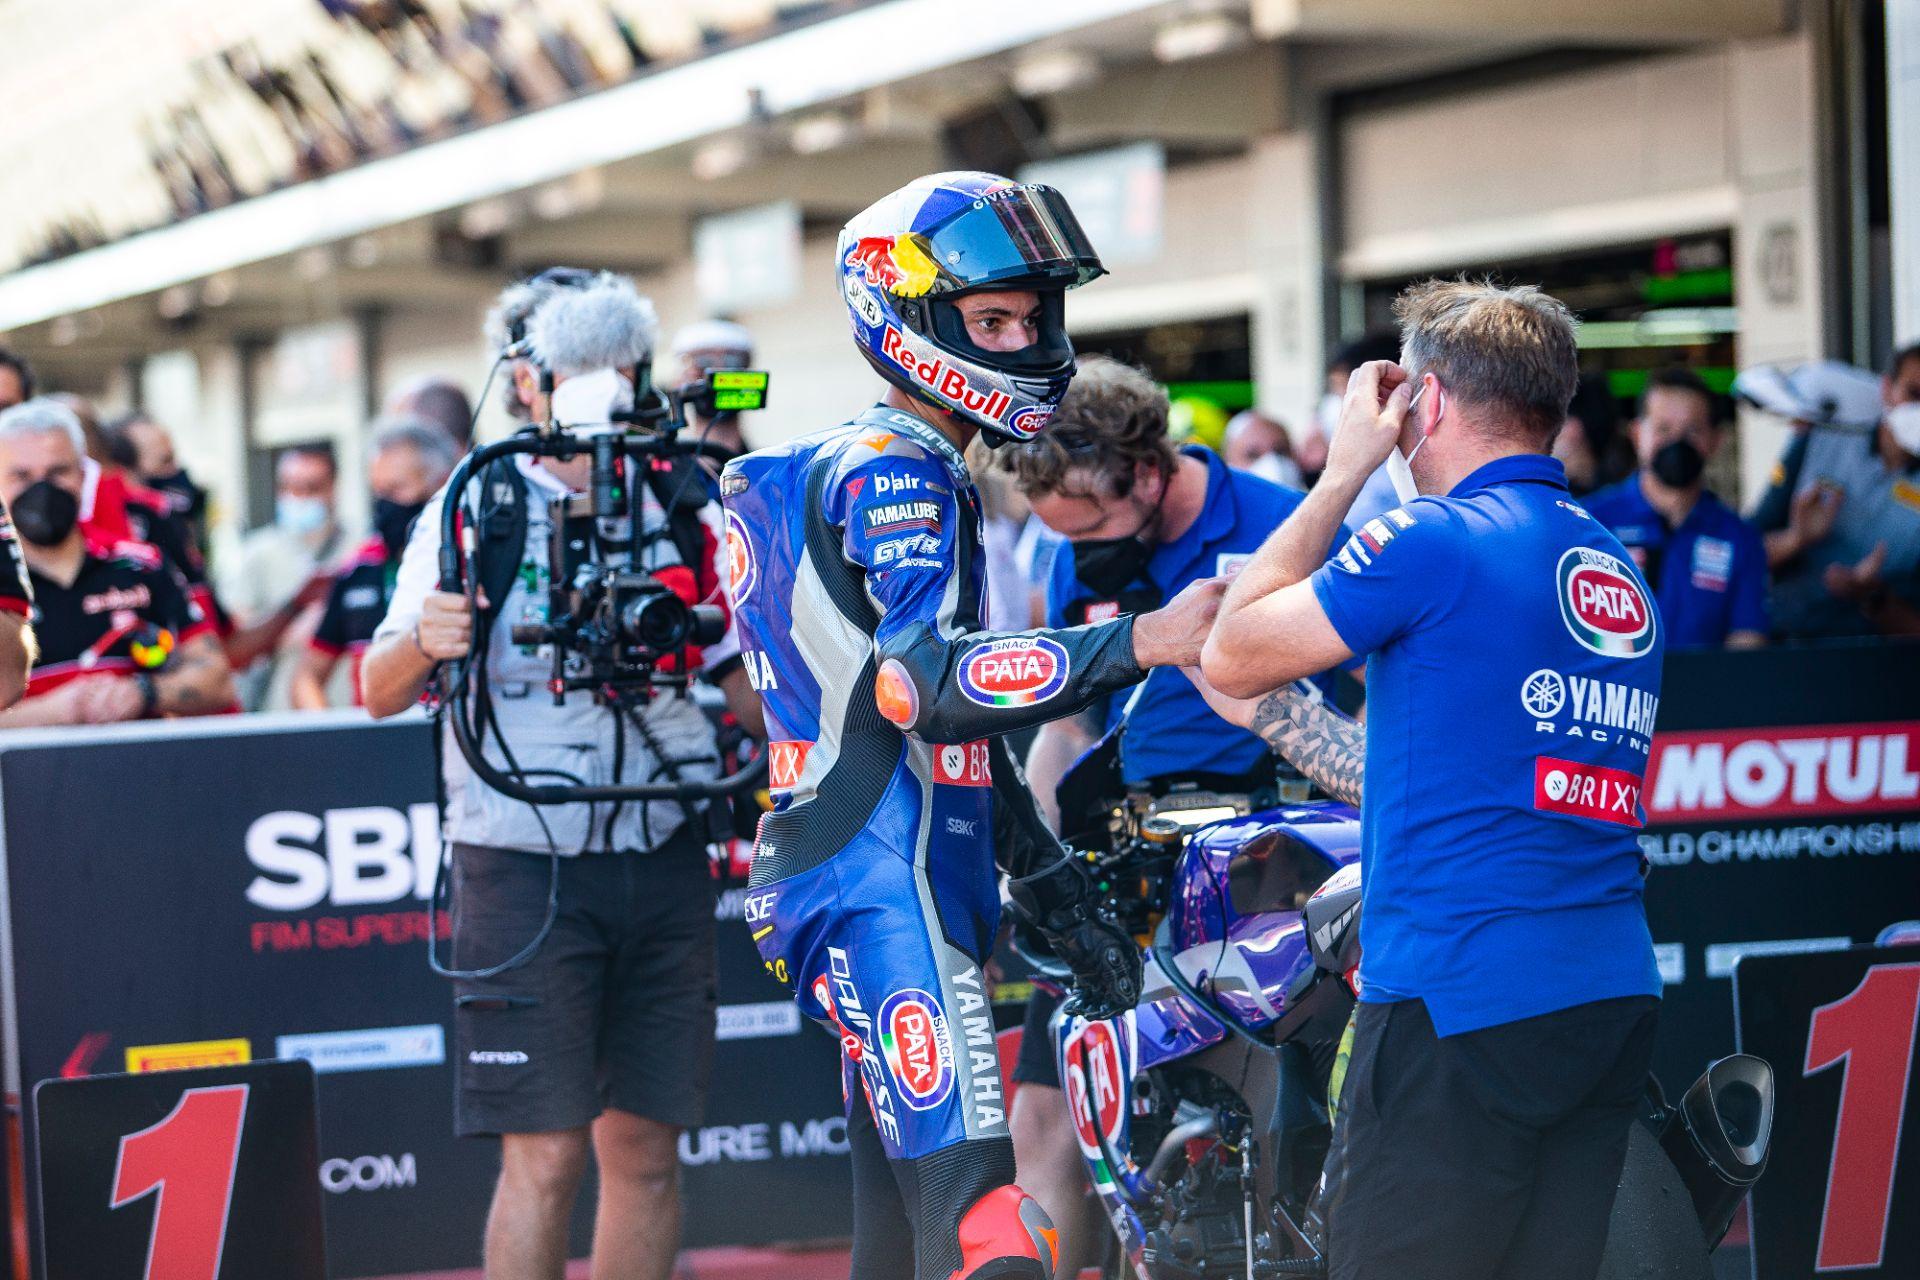 FIM スーパーバイク世界選手権(SBK)カタルーニャ戦 ラズガトリオグル「今はとにかく優勝することに集中している」